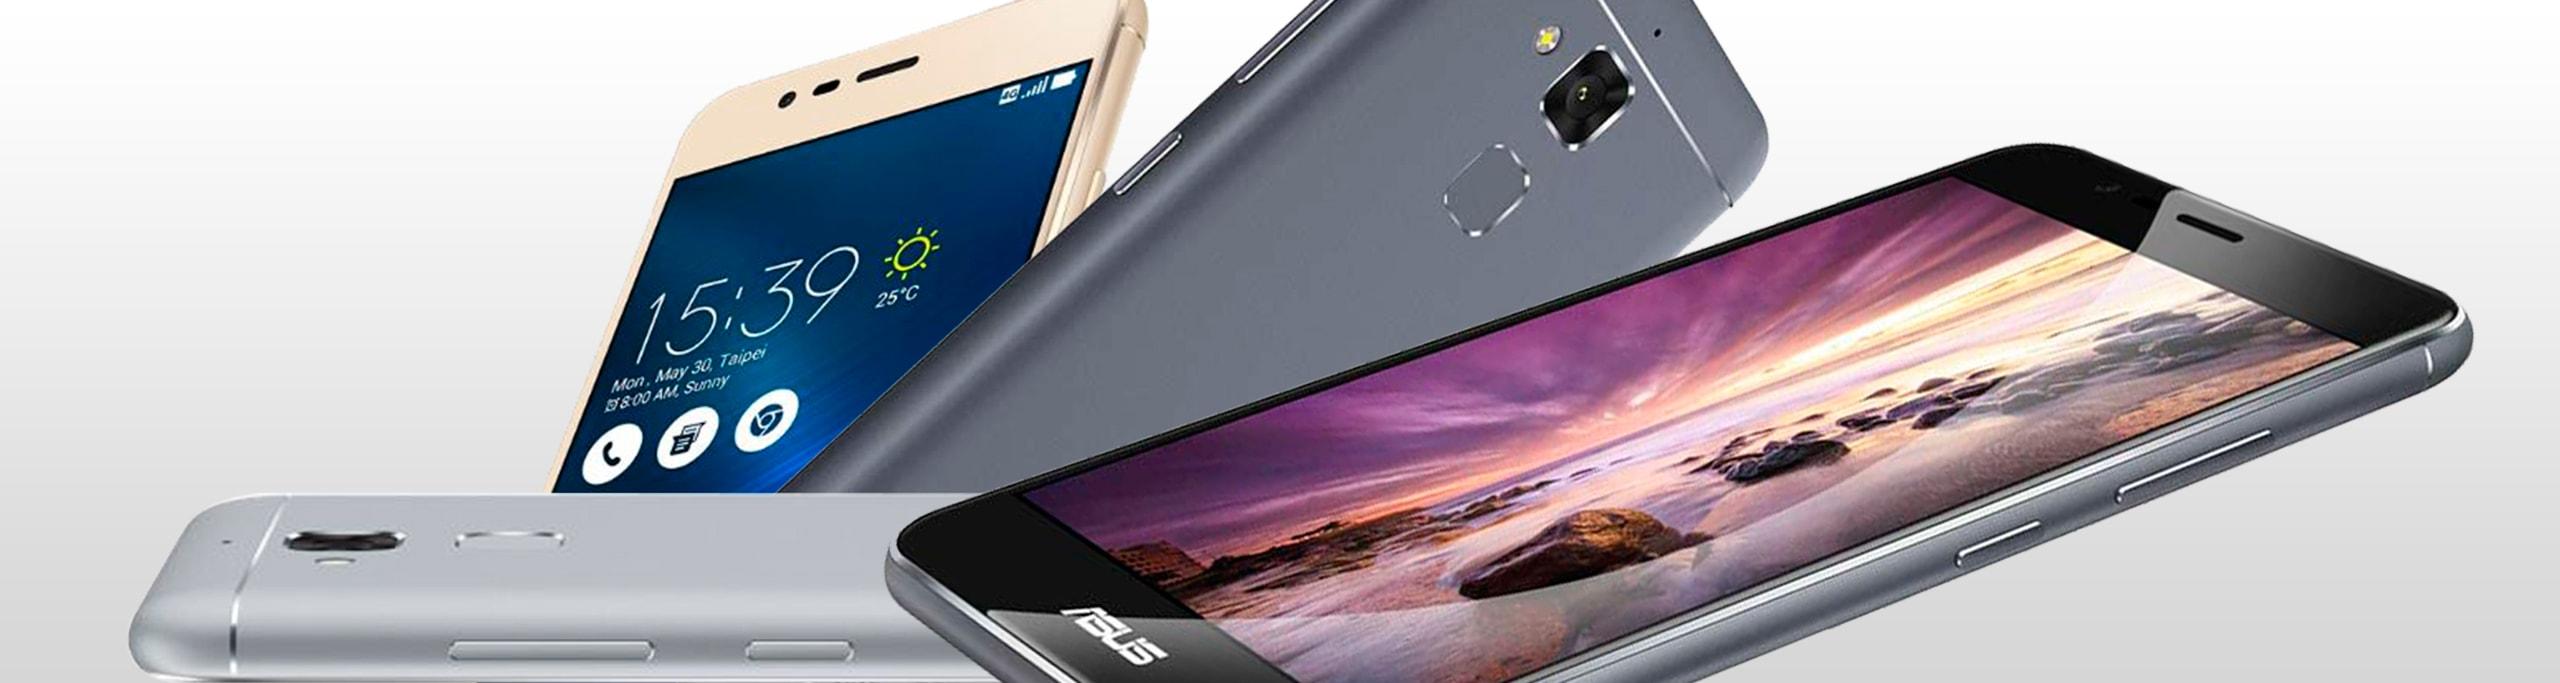 ZenFone 3 Max (ZC520TL) (X008D/3)